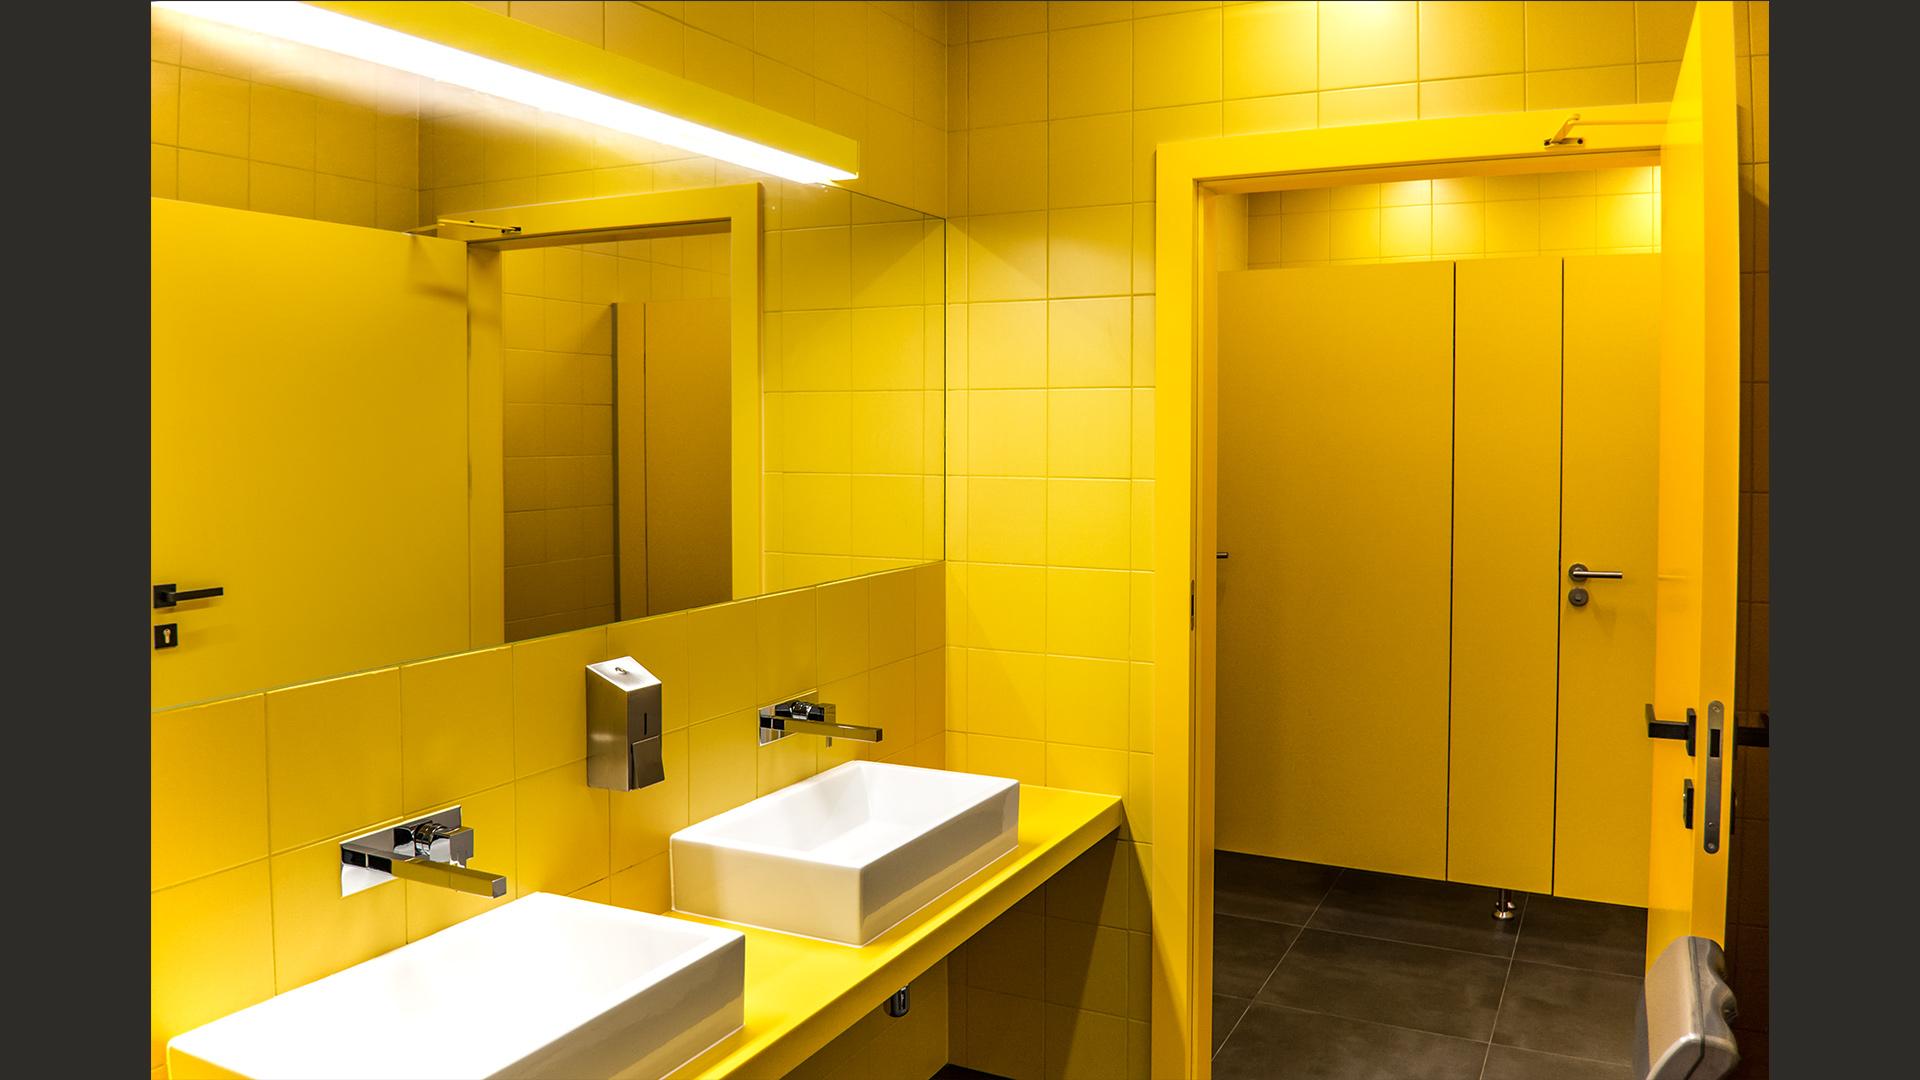 Prosty zabieg konsekwentnego użycia jednego koloru sprawił, że – przy niewielkim budżecie realizacyjnym – powstało bardzo wyraziste wnętrze. Na zdjęciu – damskie toalety.